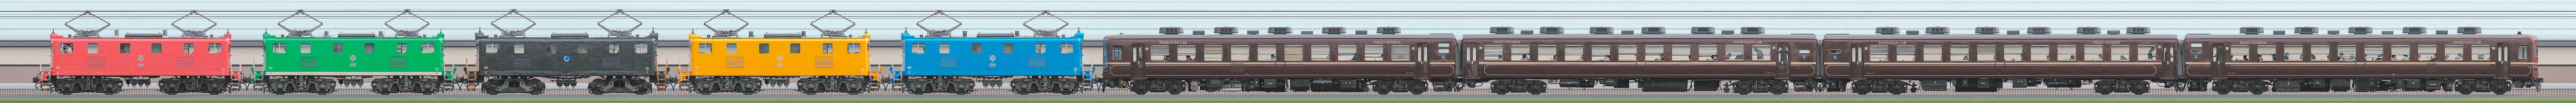 秩父鉄道電気機関車5重連+12系の編成サイドビュー